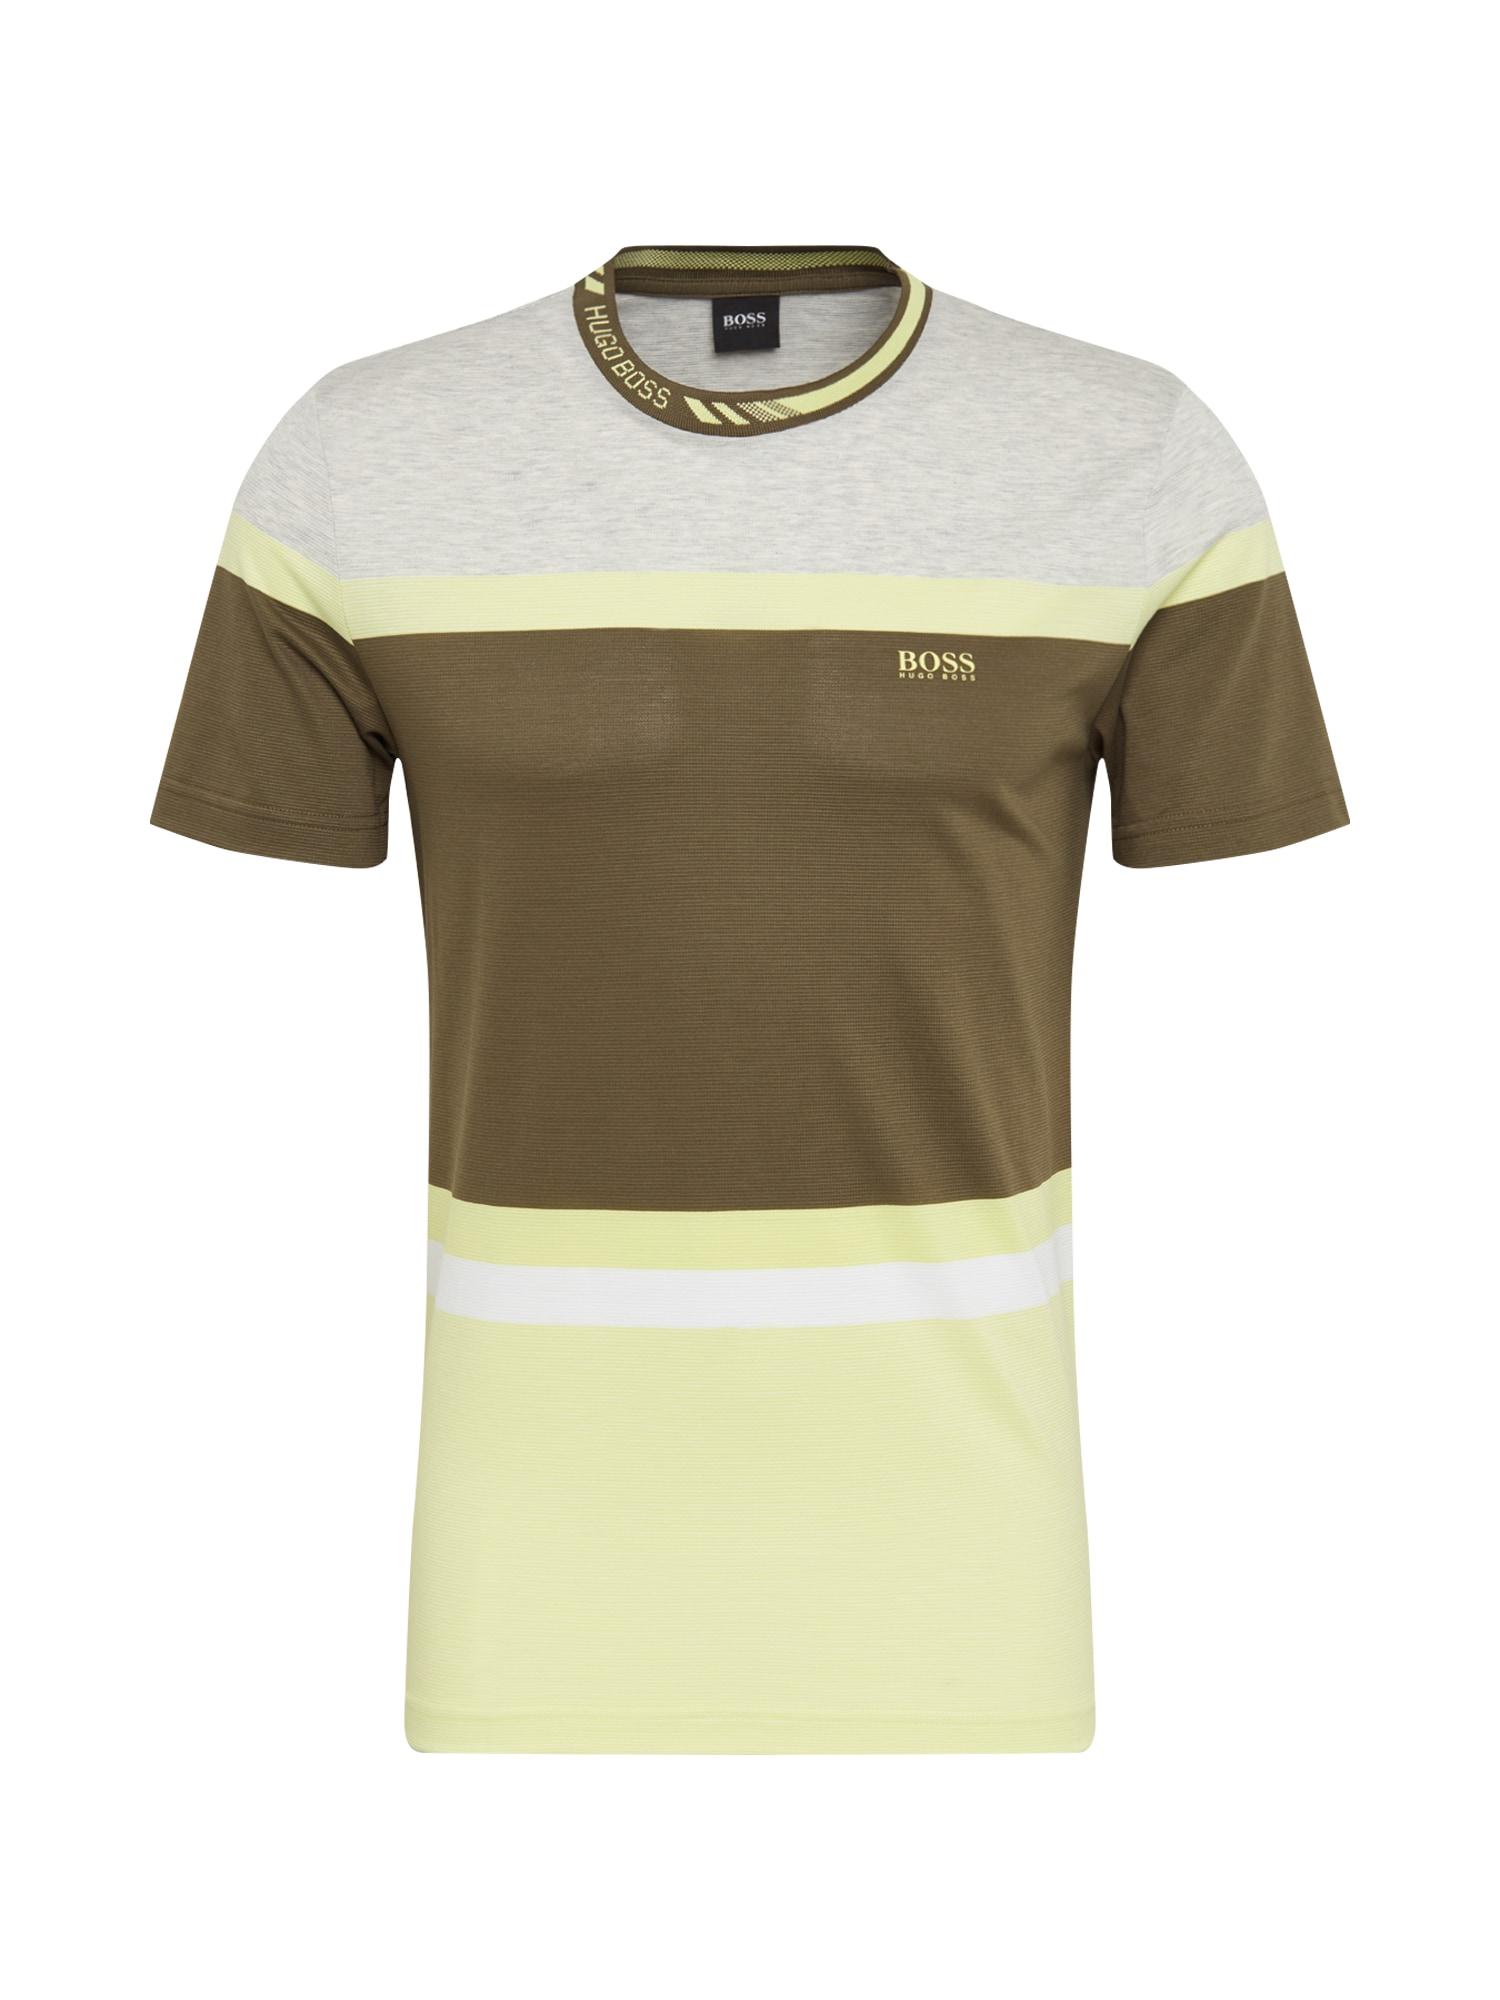 BOSS ATHLEISURE Marškinėliai 'Tee 8' tamsiai žalia